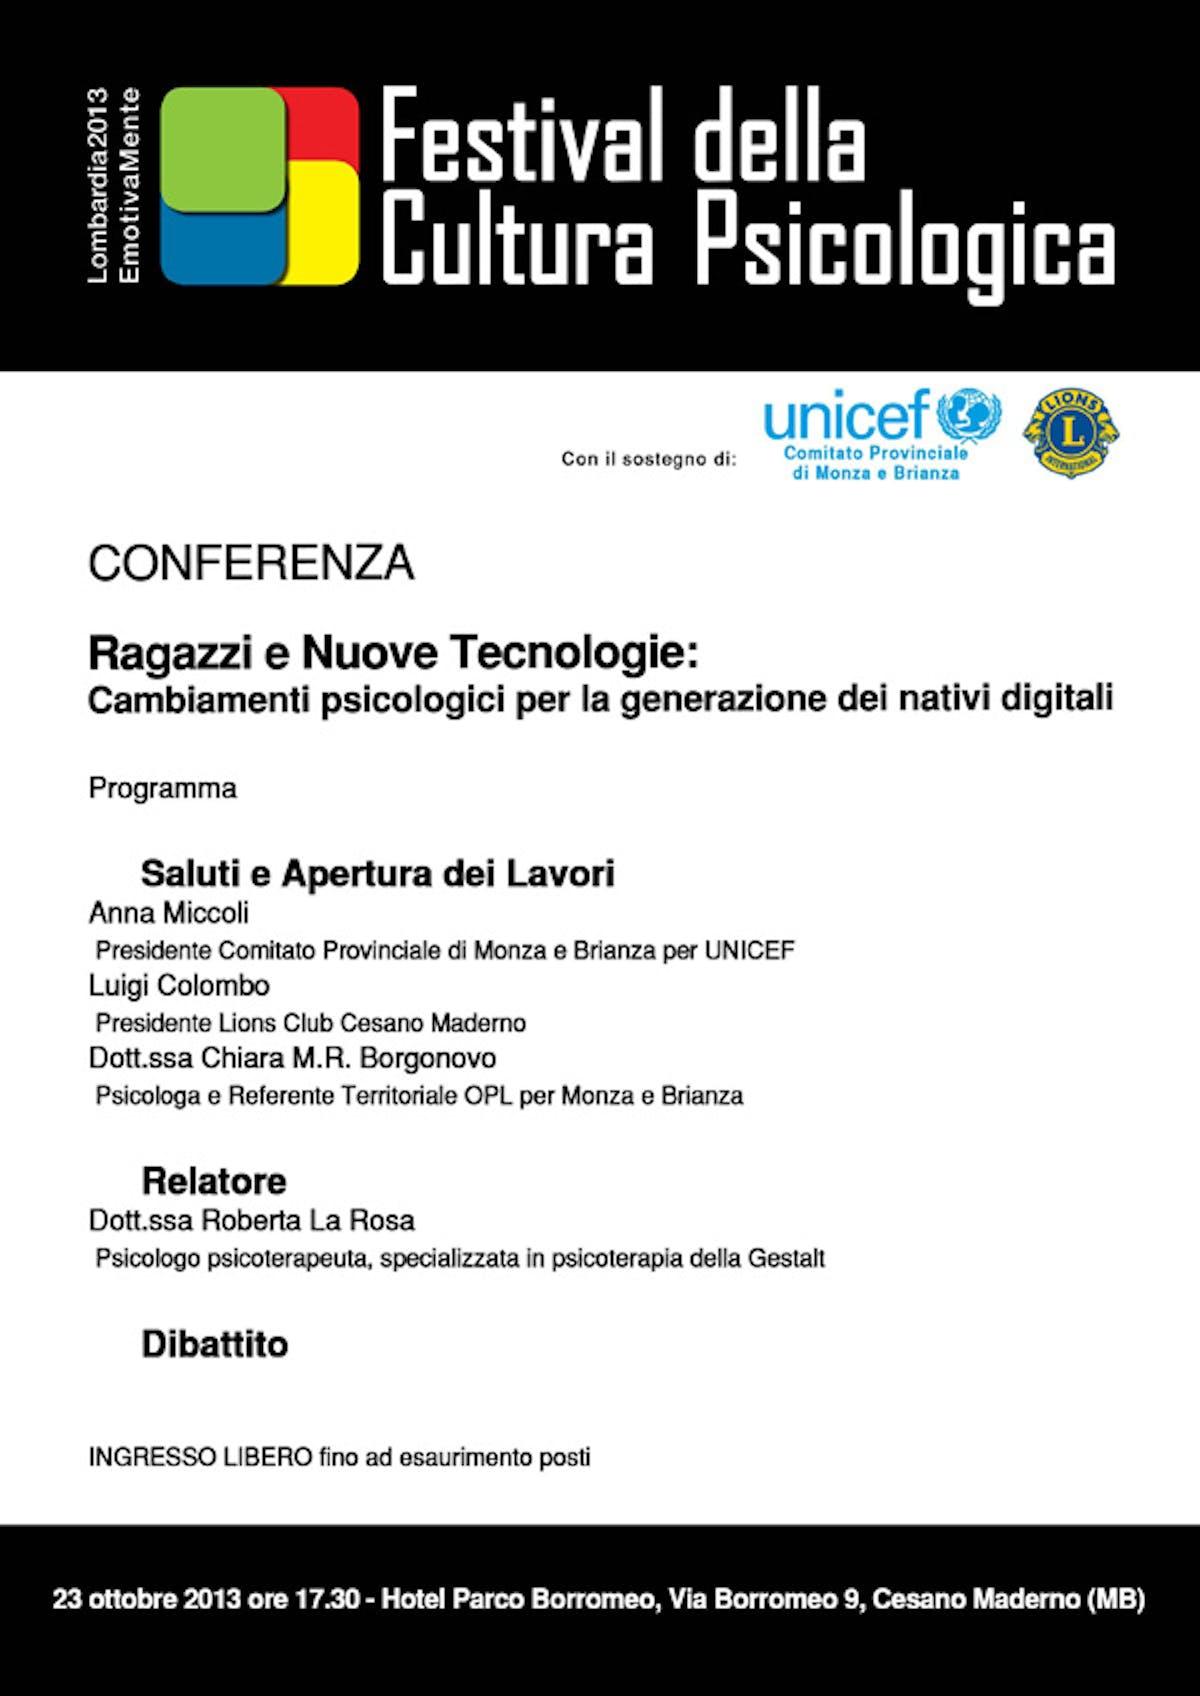 A Monza il Festival della Cultura Psicologica si apre con l'UNICEF